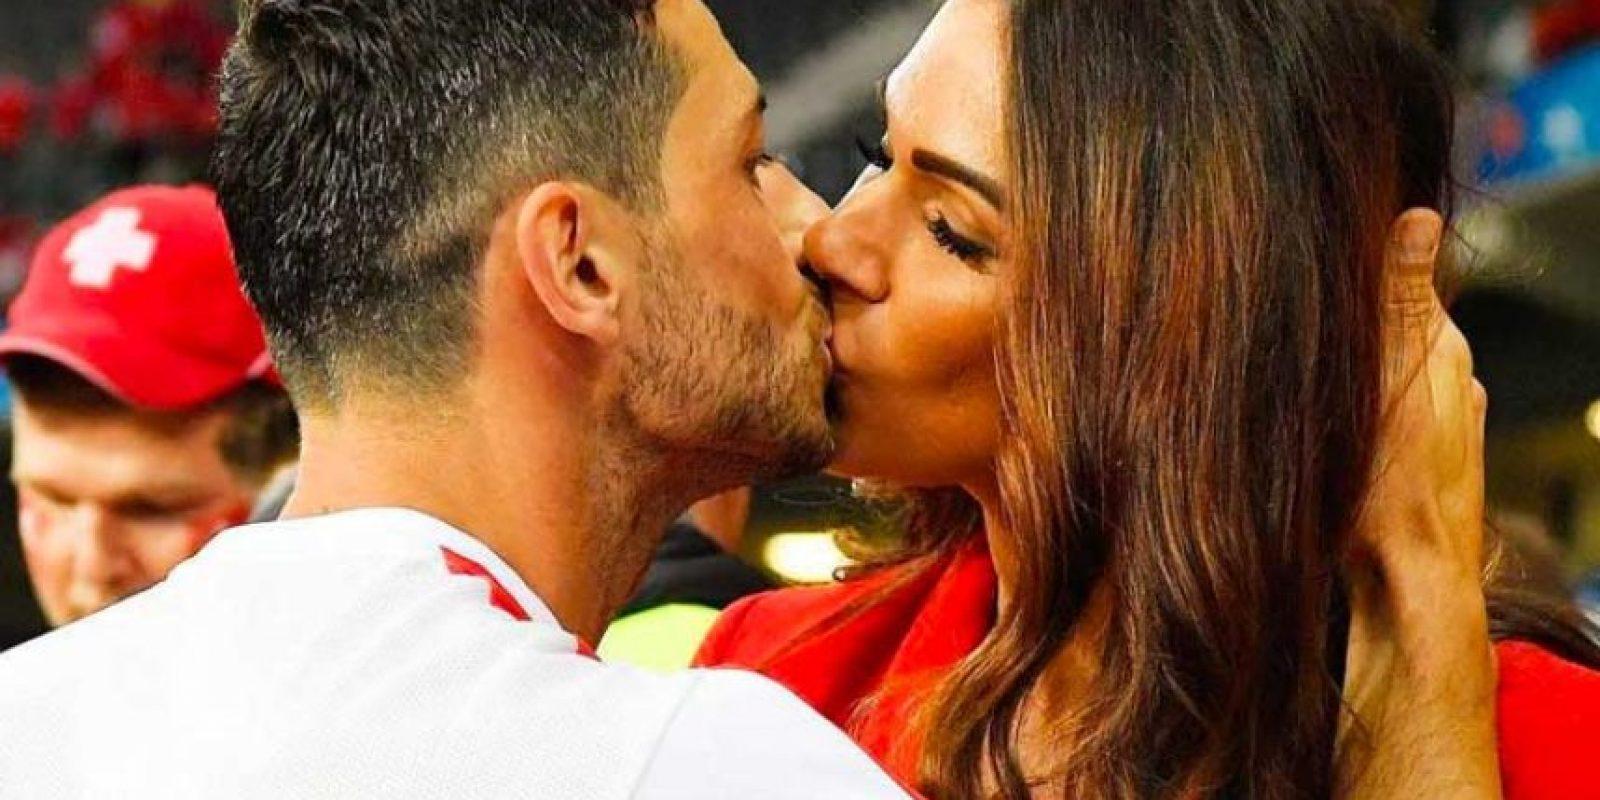 Es la esposa del futbolista suizo Blerim Dzemaili. Foto:Vía instagram.com/erjona.dzemaili